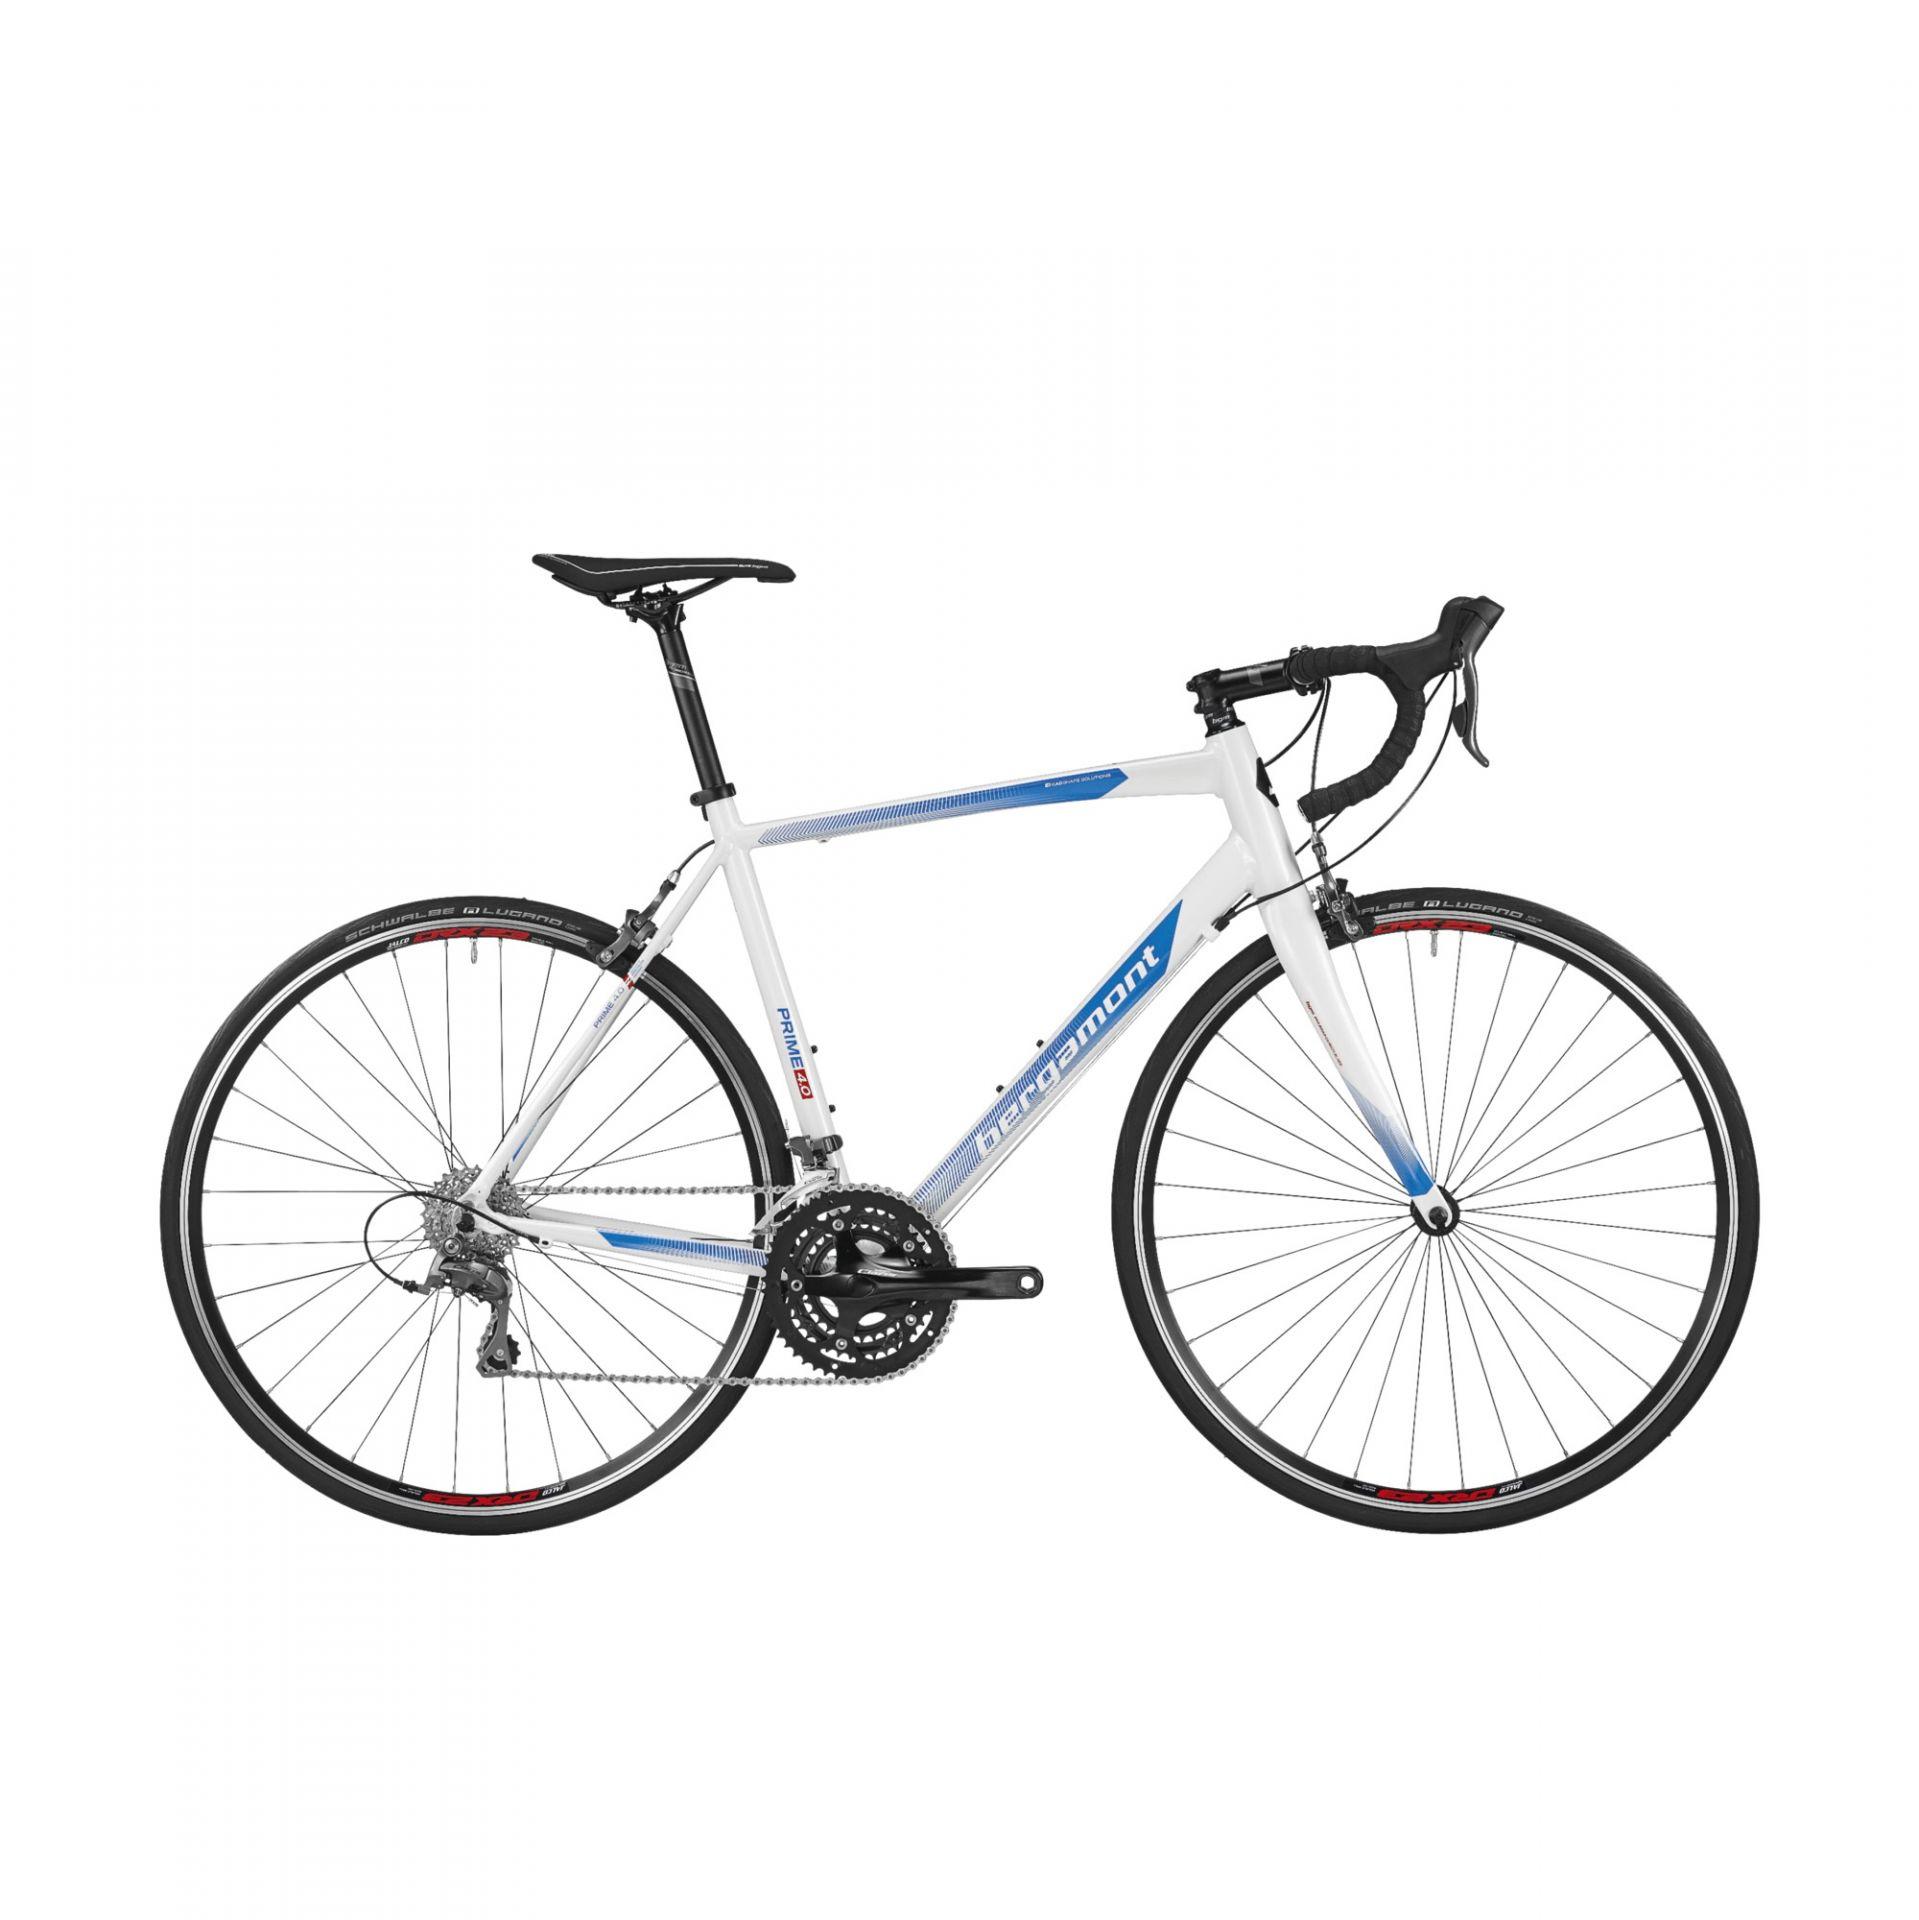 Vélo de route Bergamont Prime 4.0 Blanc/Bleu - 47 cm